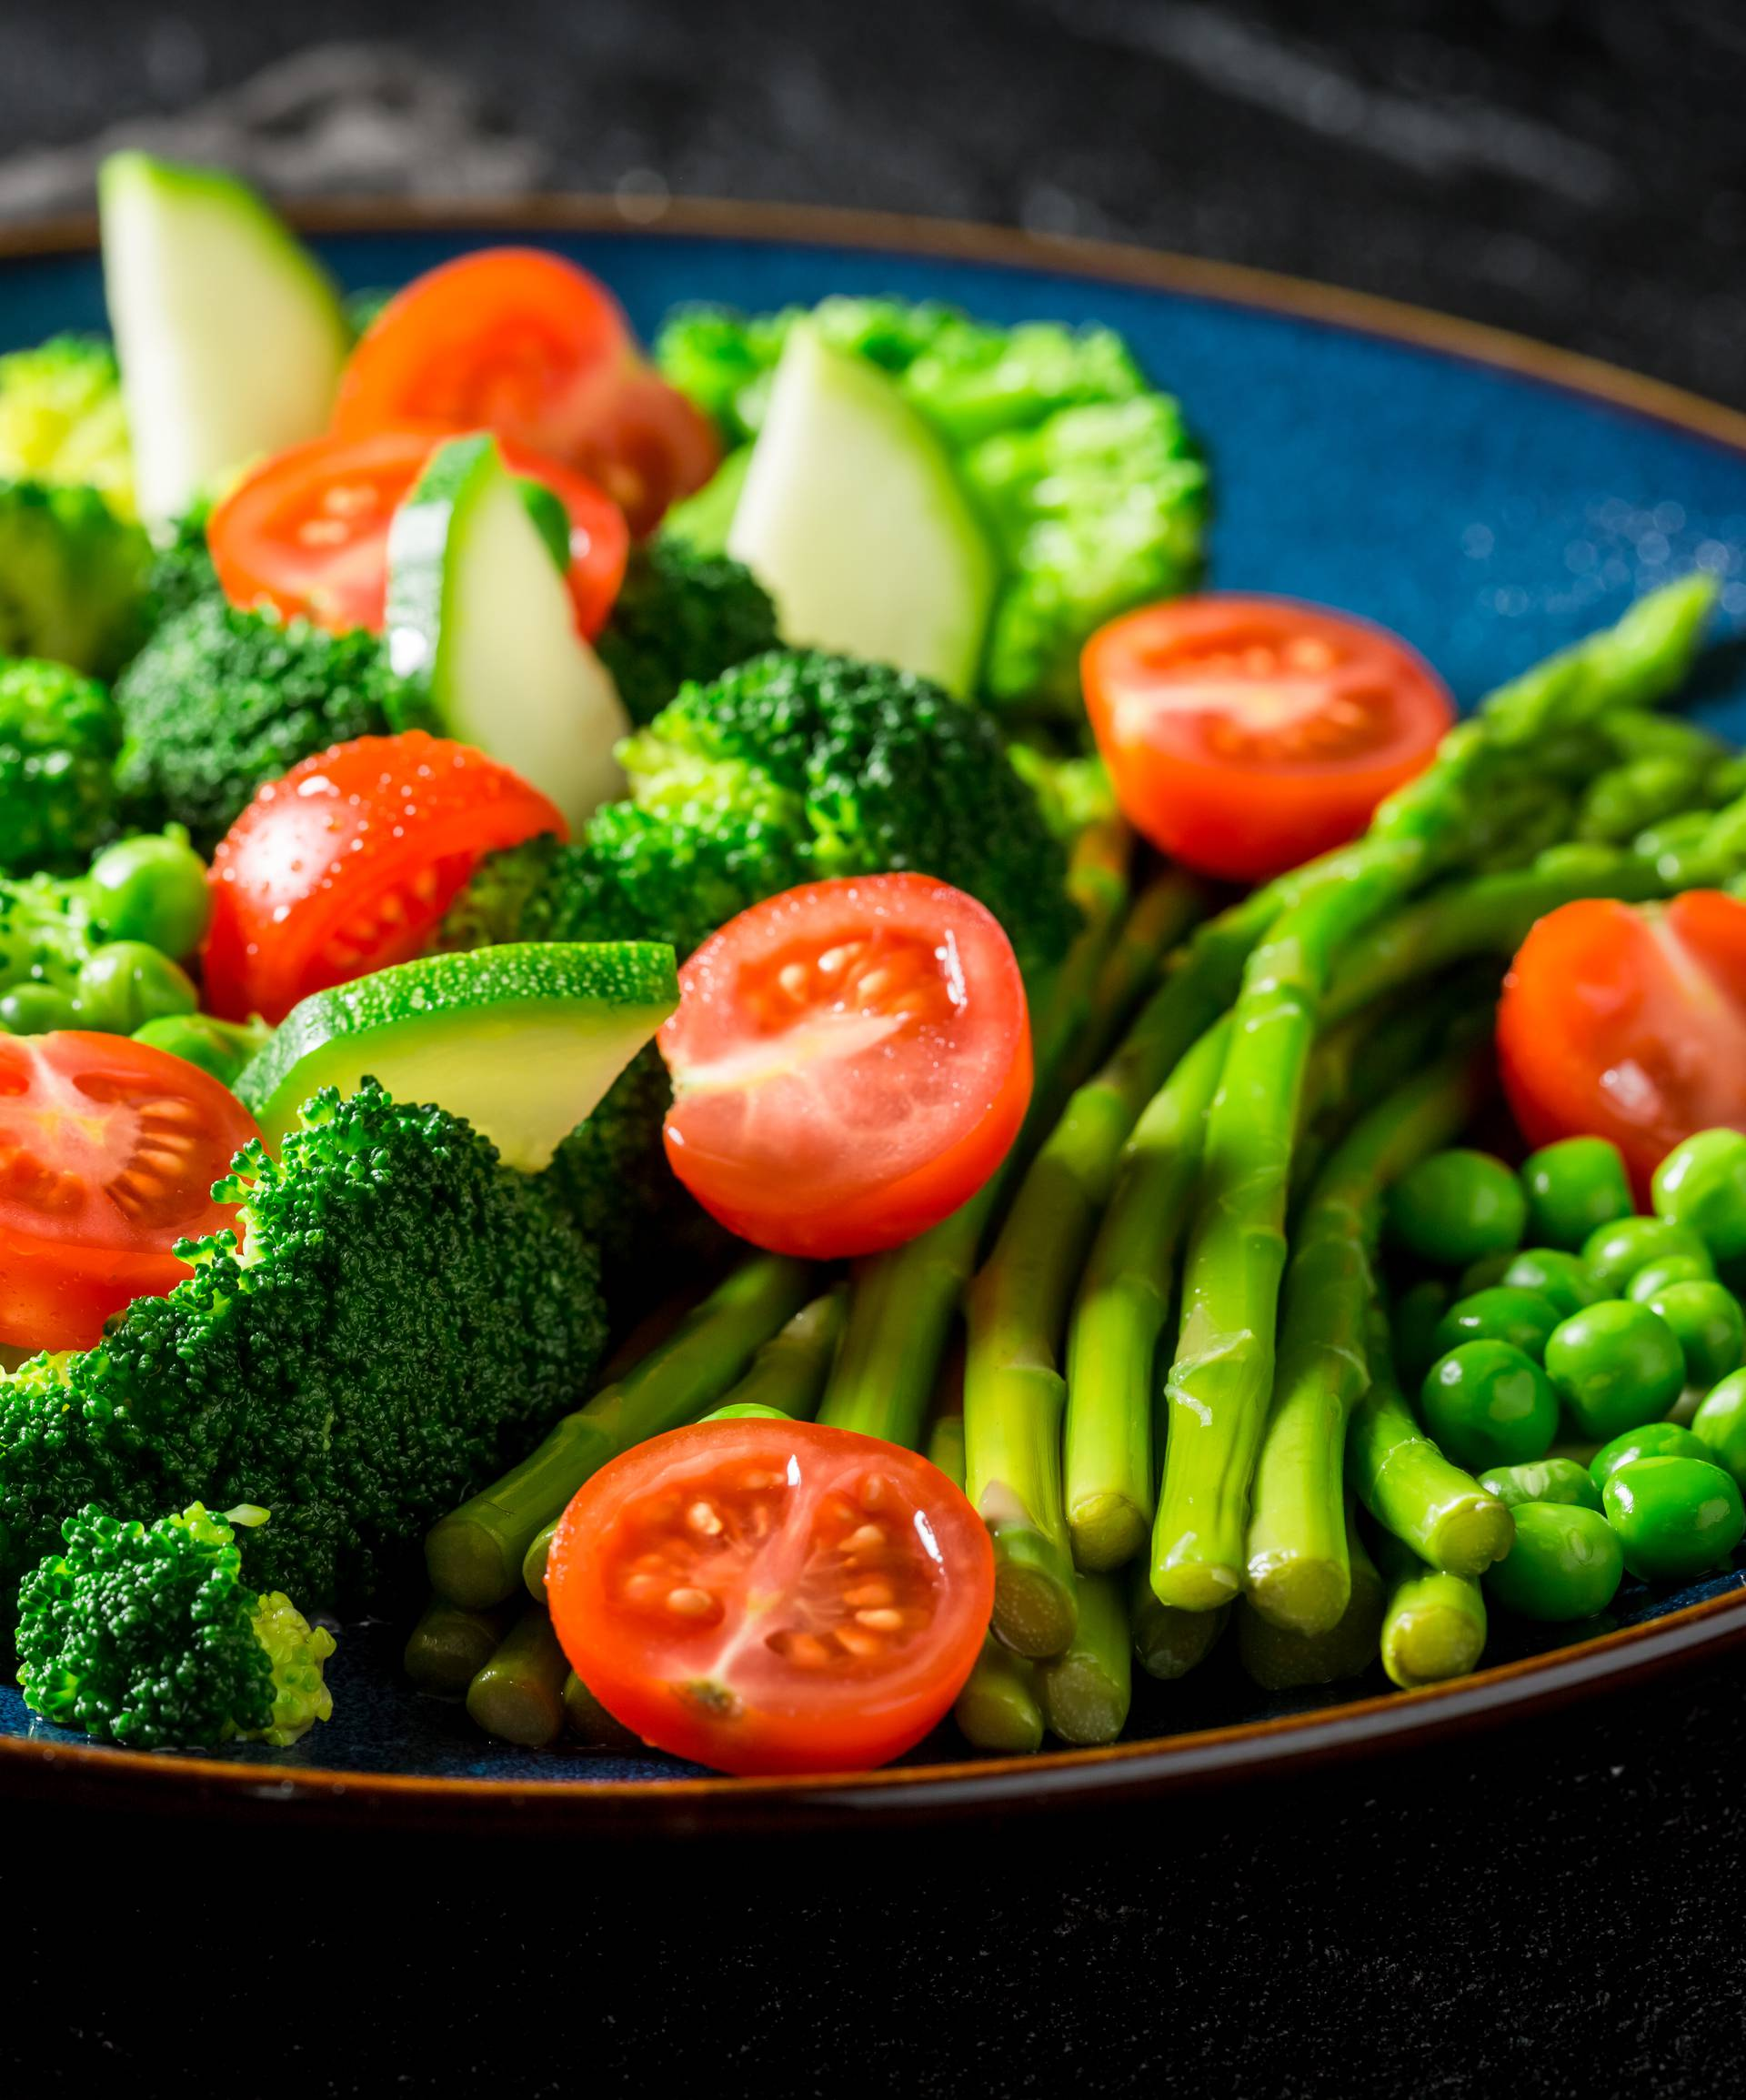 Špinat, blitva i brokula važni su za razvoj mozga u djeteta